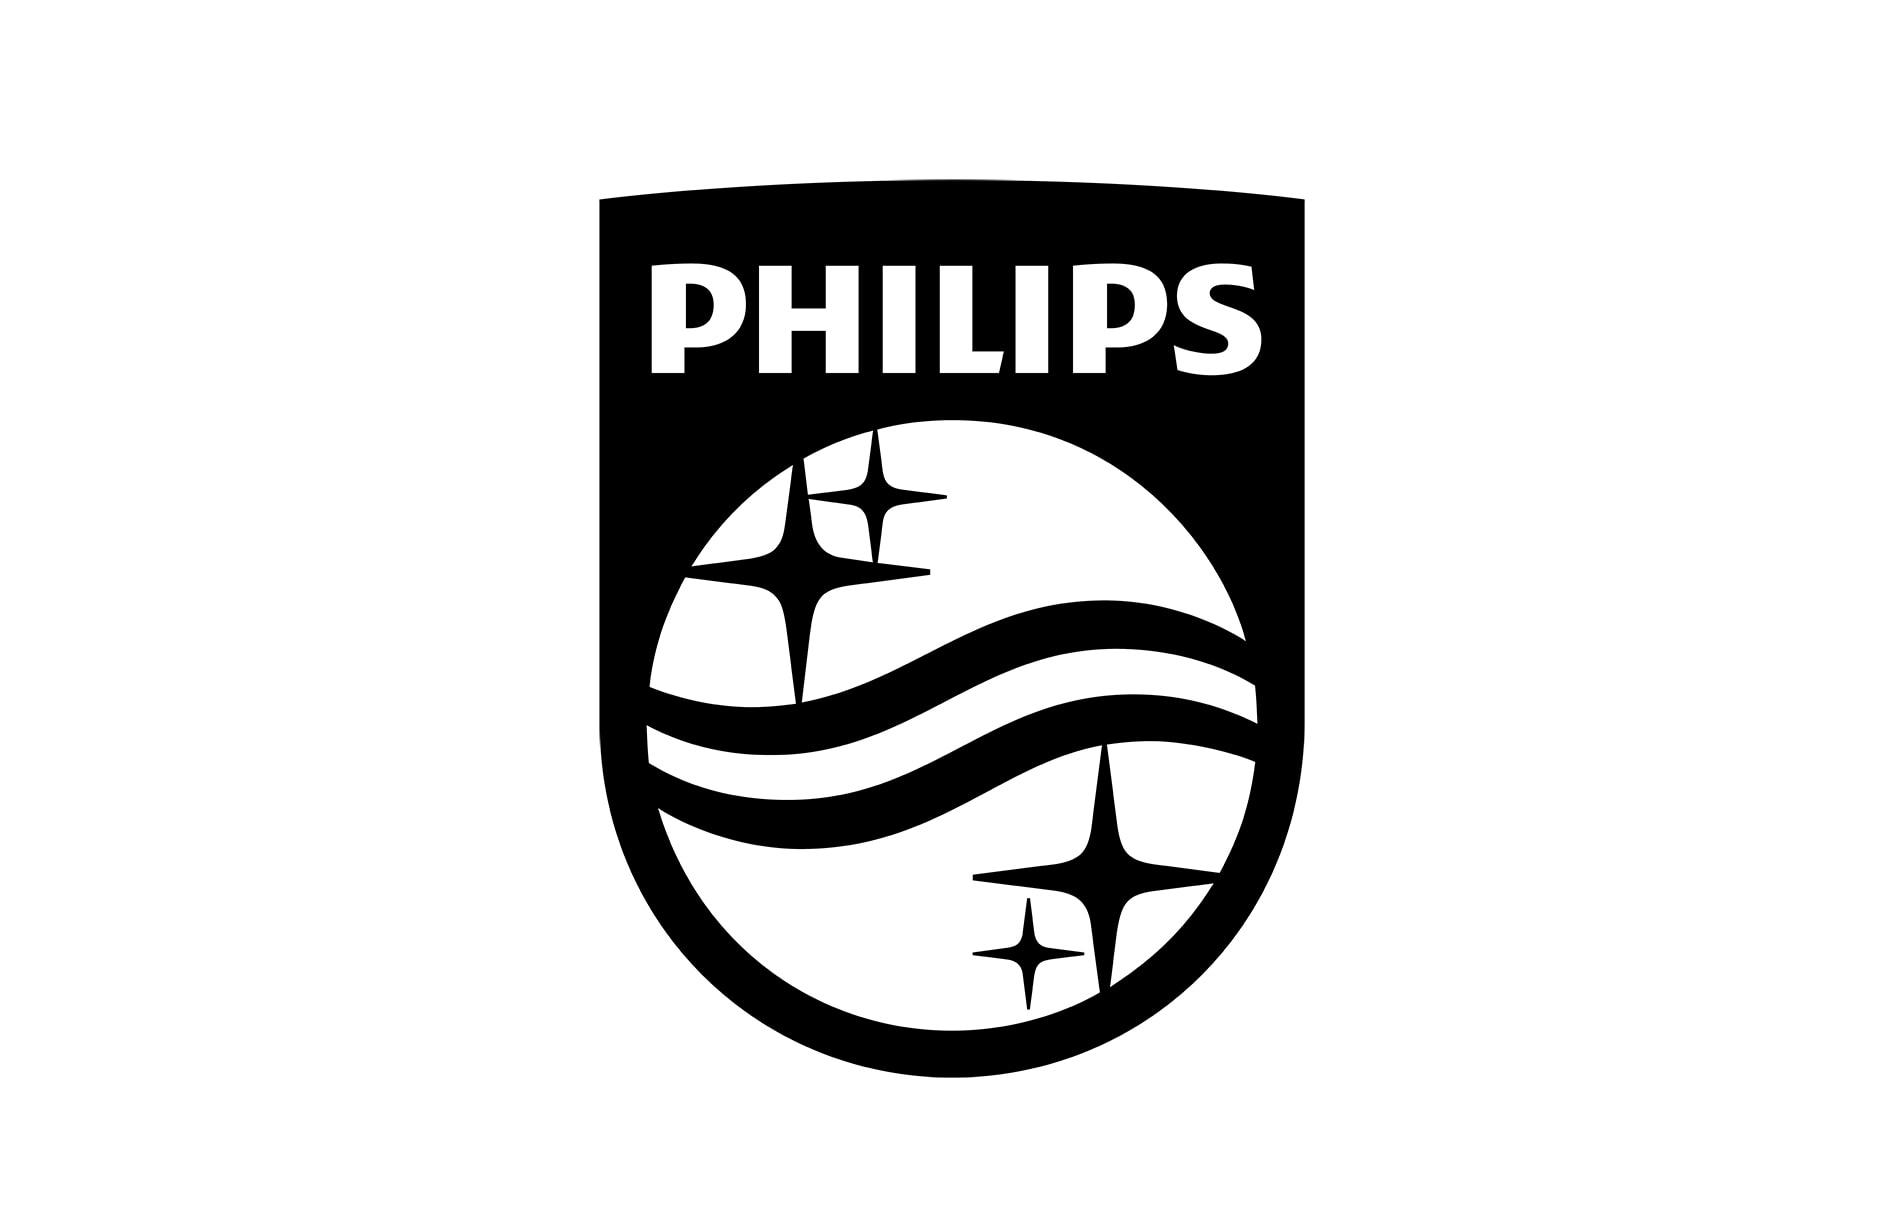 Philips ВСЁ продан весь бизнес бытовой техники, включая кофемашины